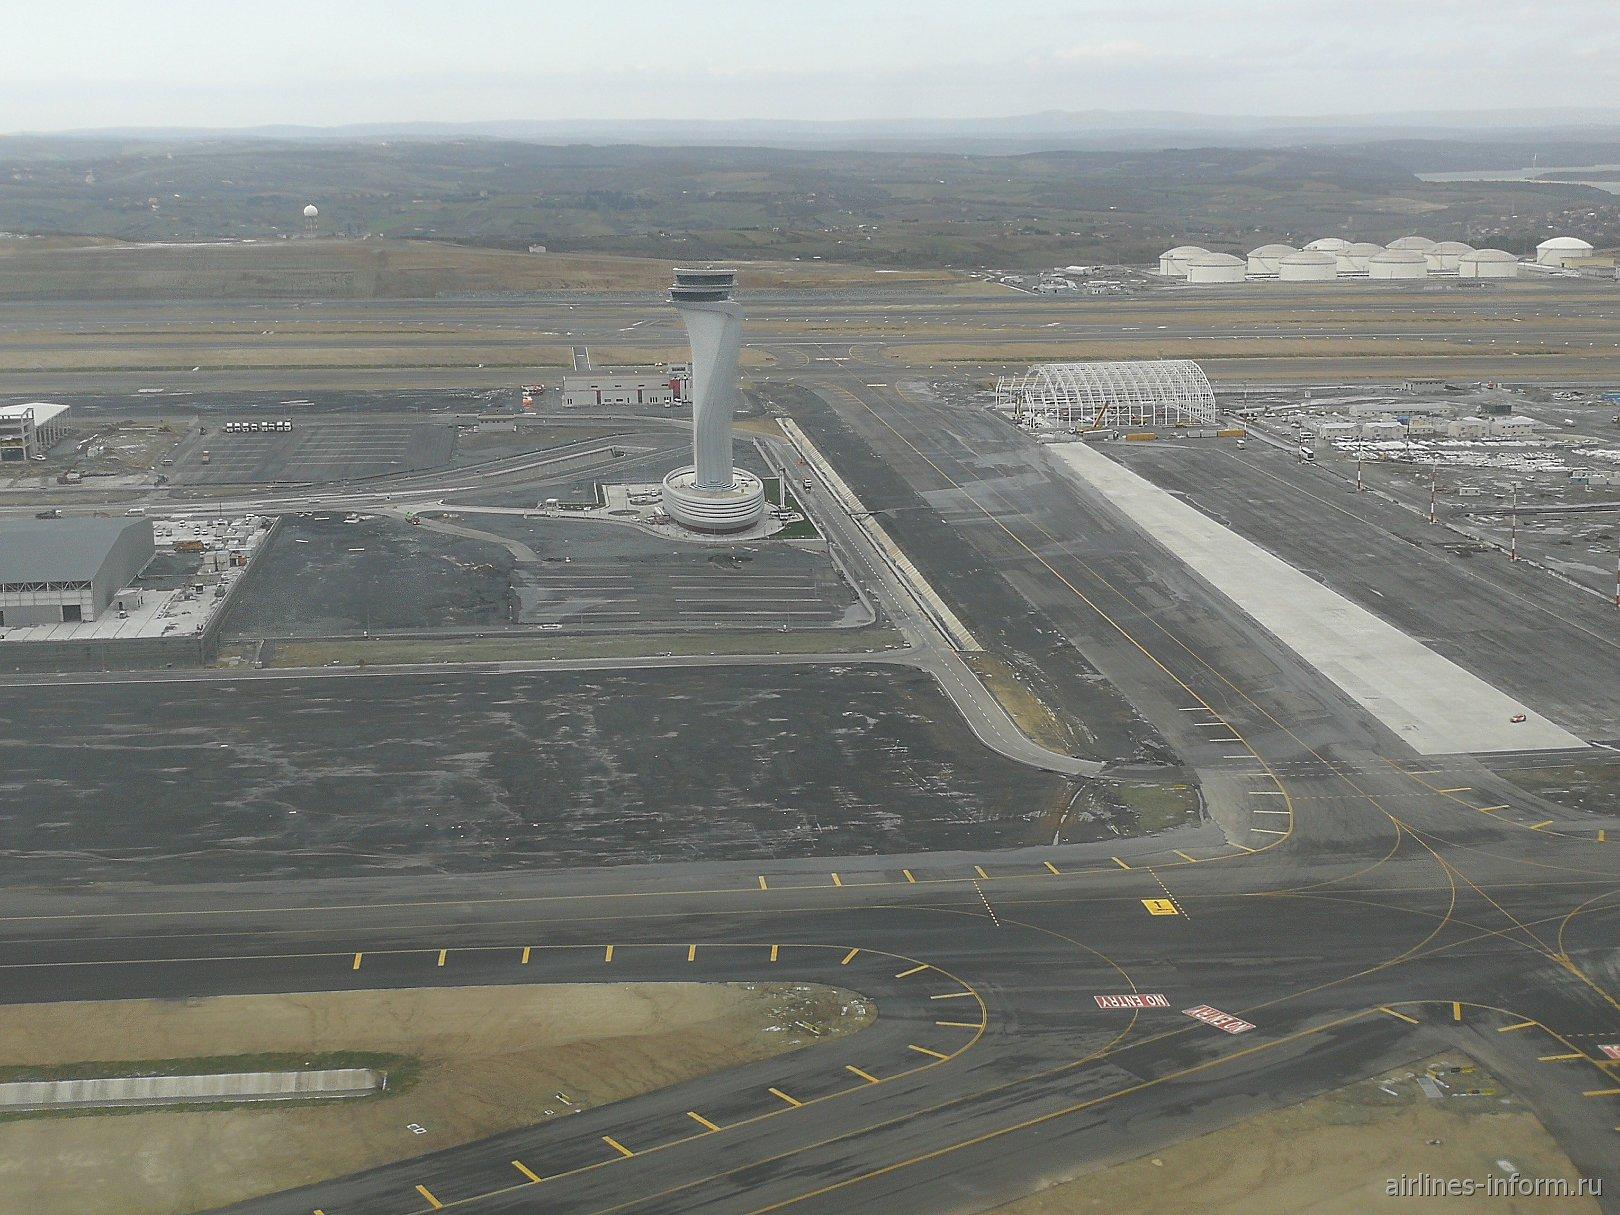 Диспетчерская башня в строящемся новом аэропорту Стамбула